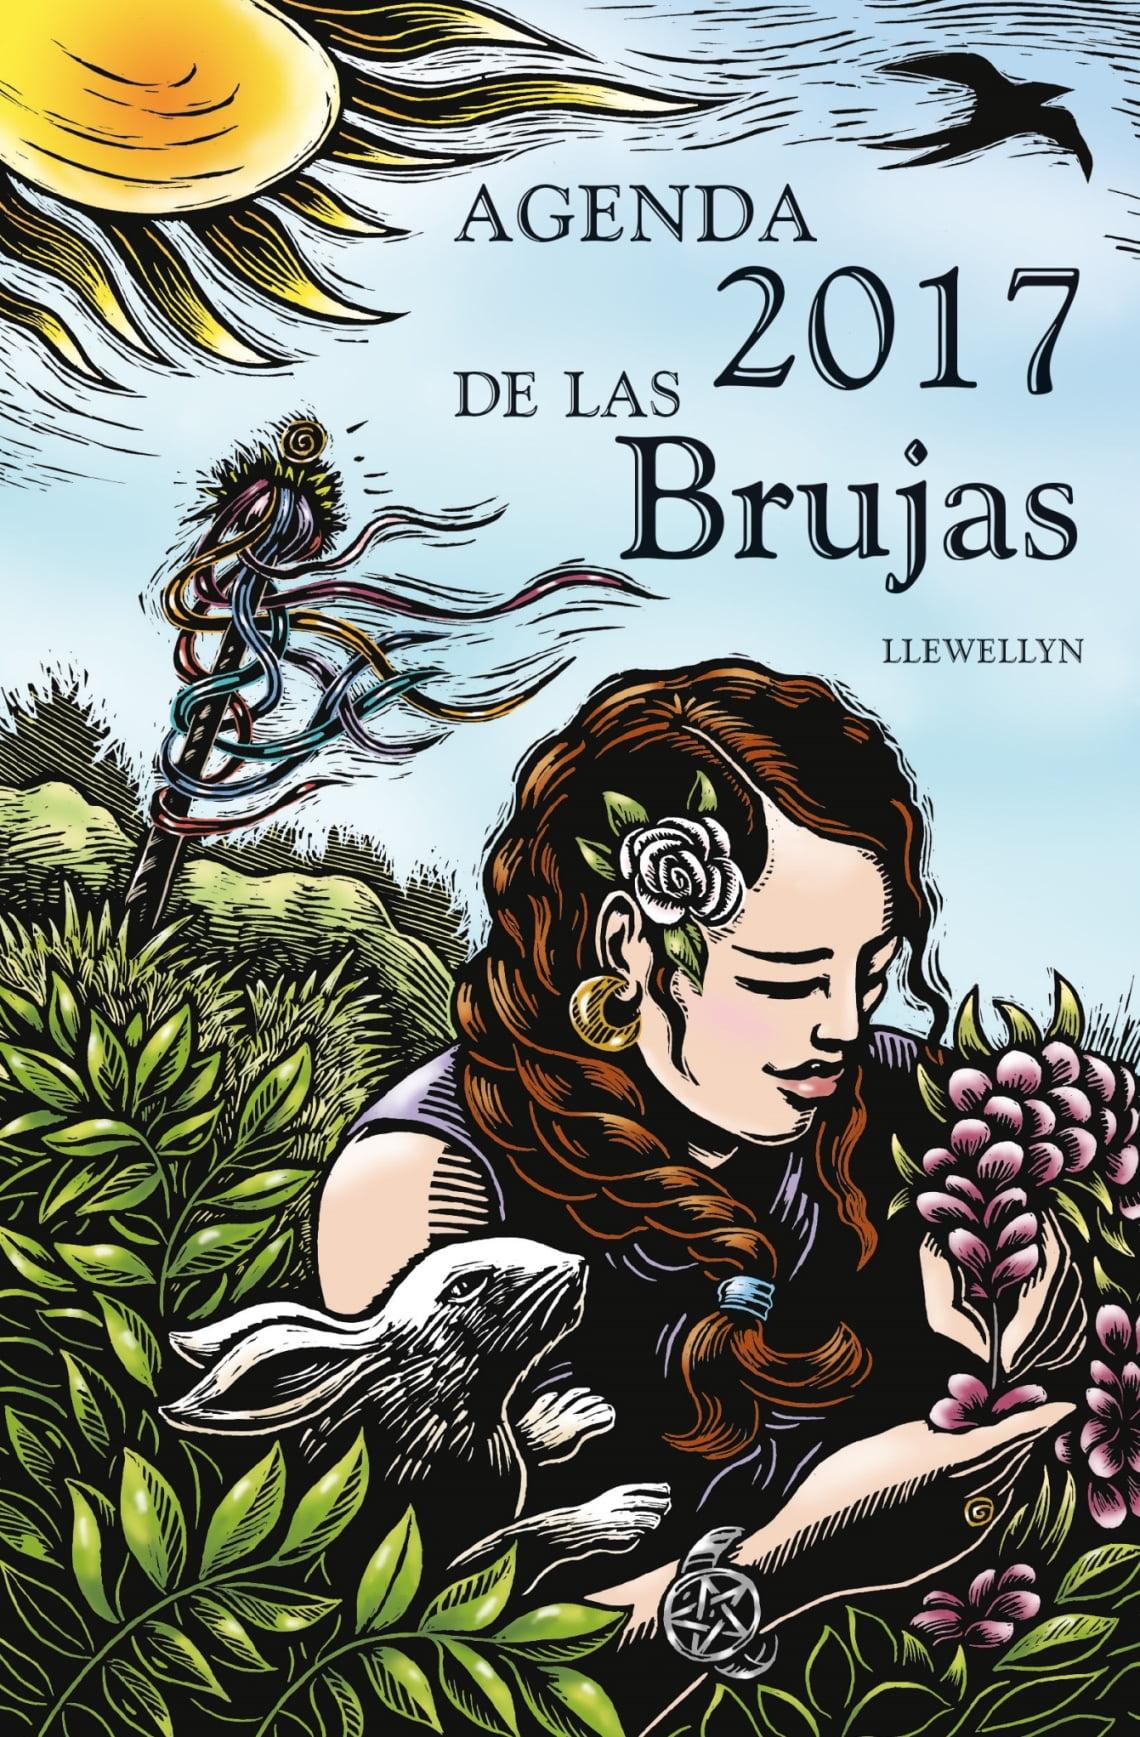 Agenda de Las Brujas 2017 (Paperback) - Walmart.com